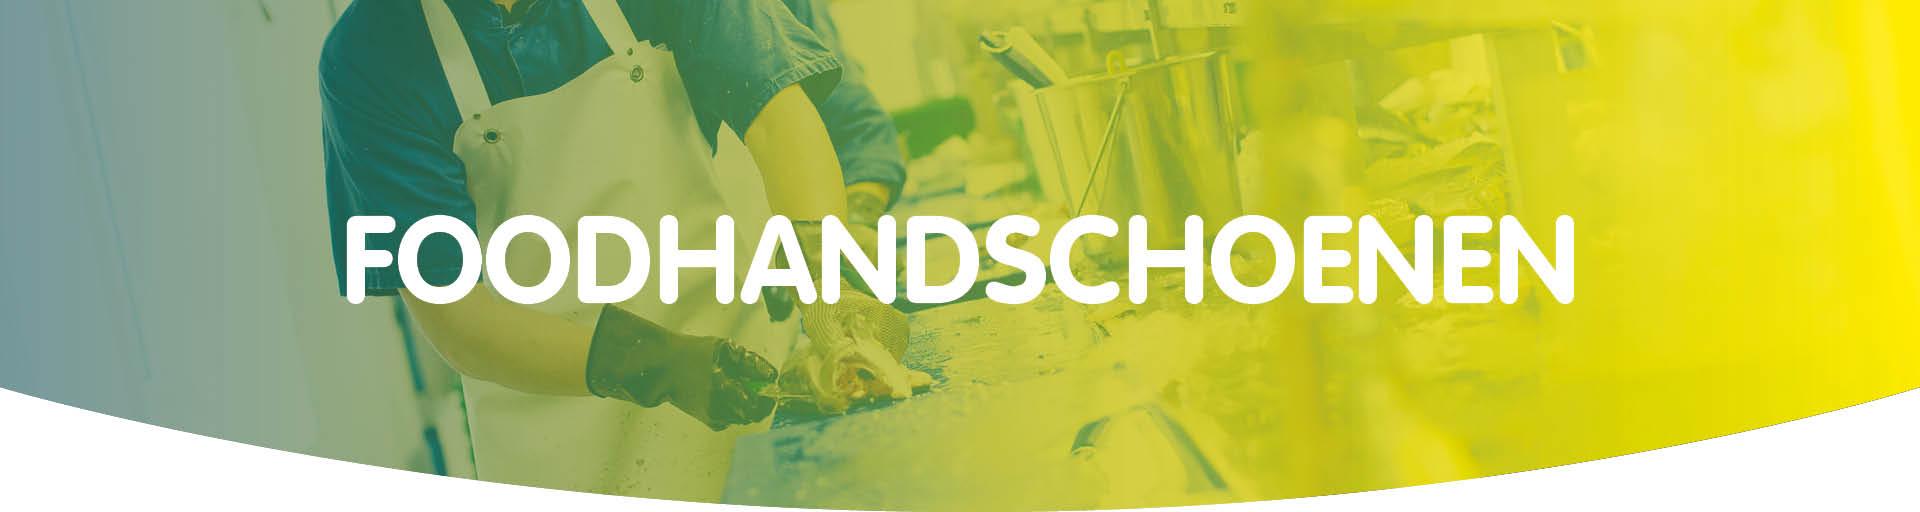 Handschoenen Food